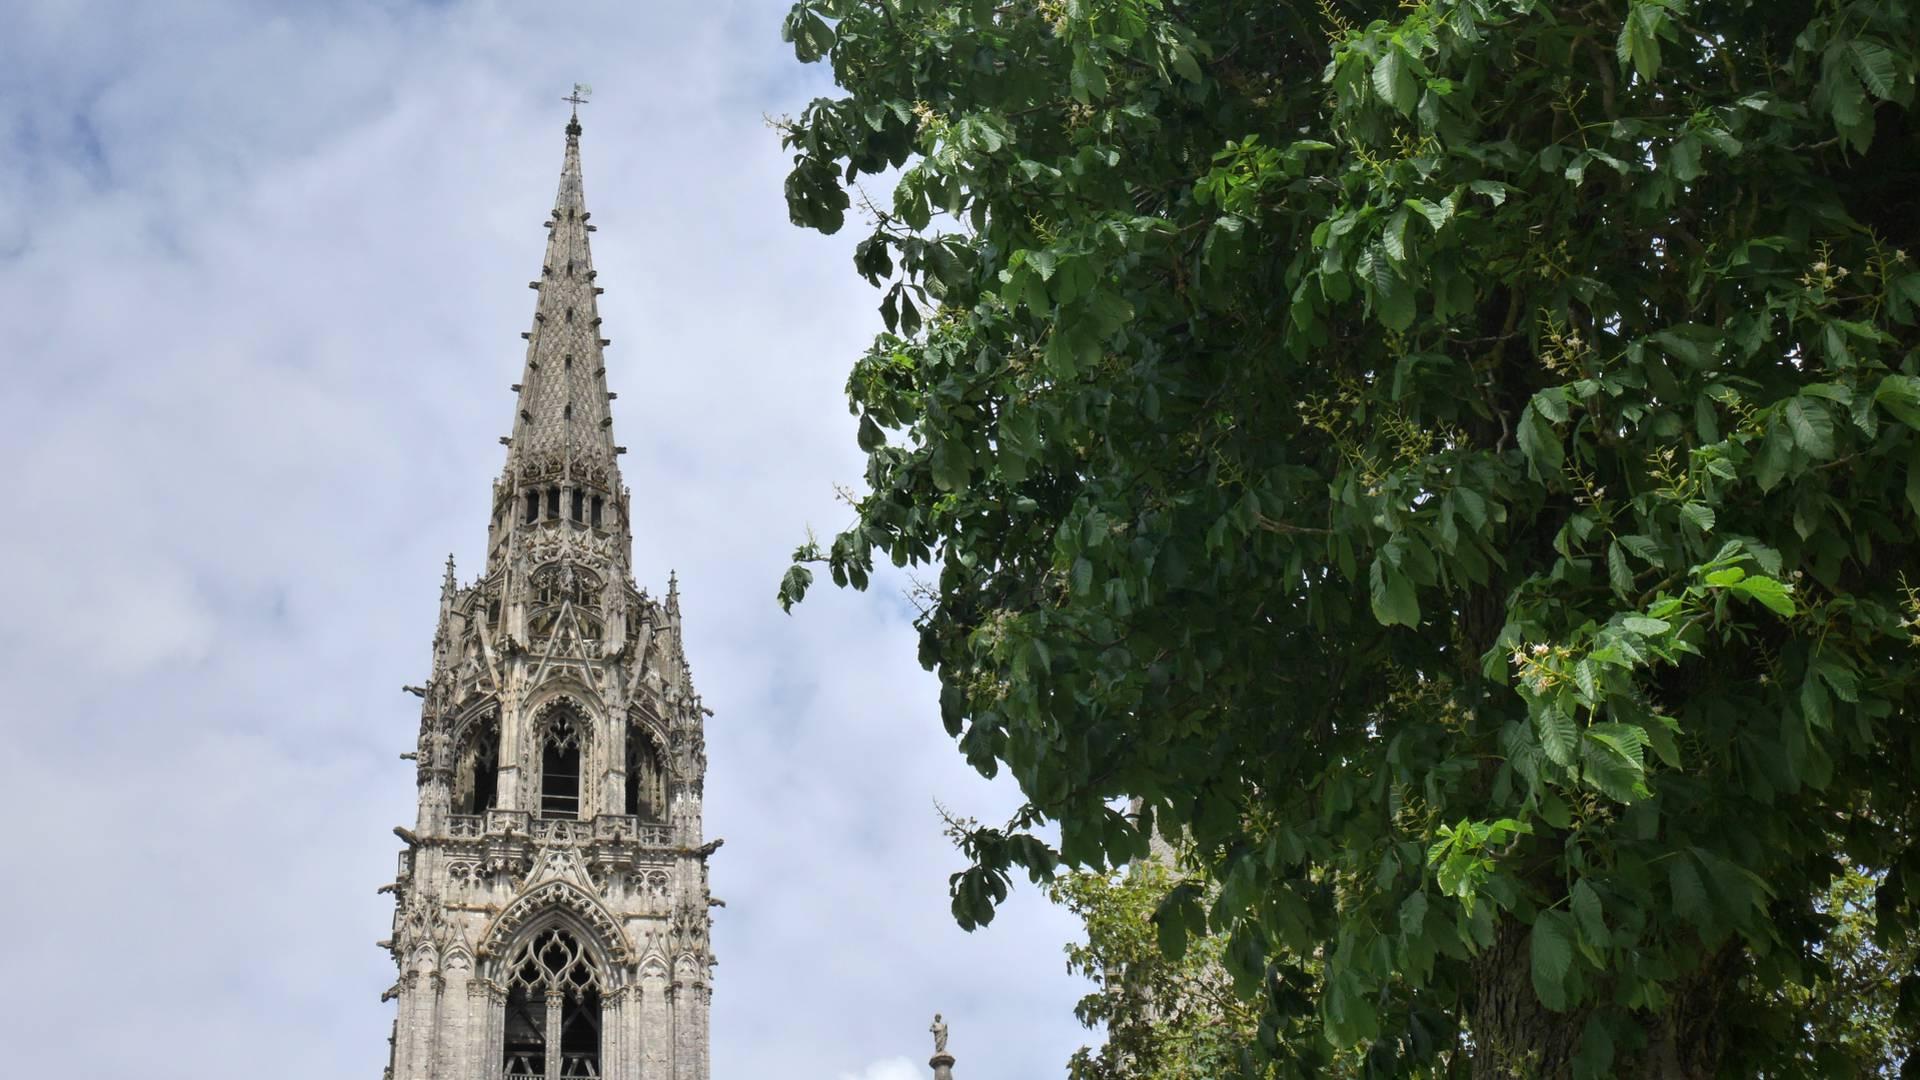 Vue de la tour Nord de la cathédrale de Chartres